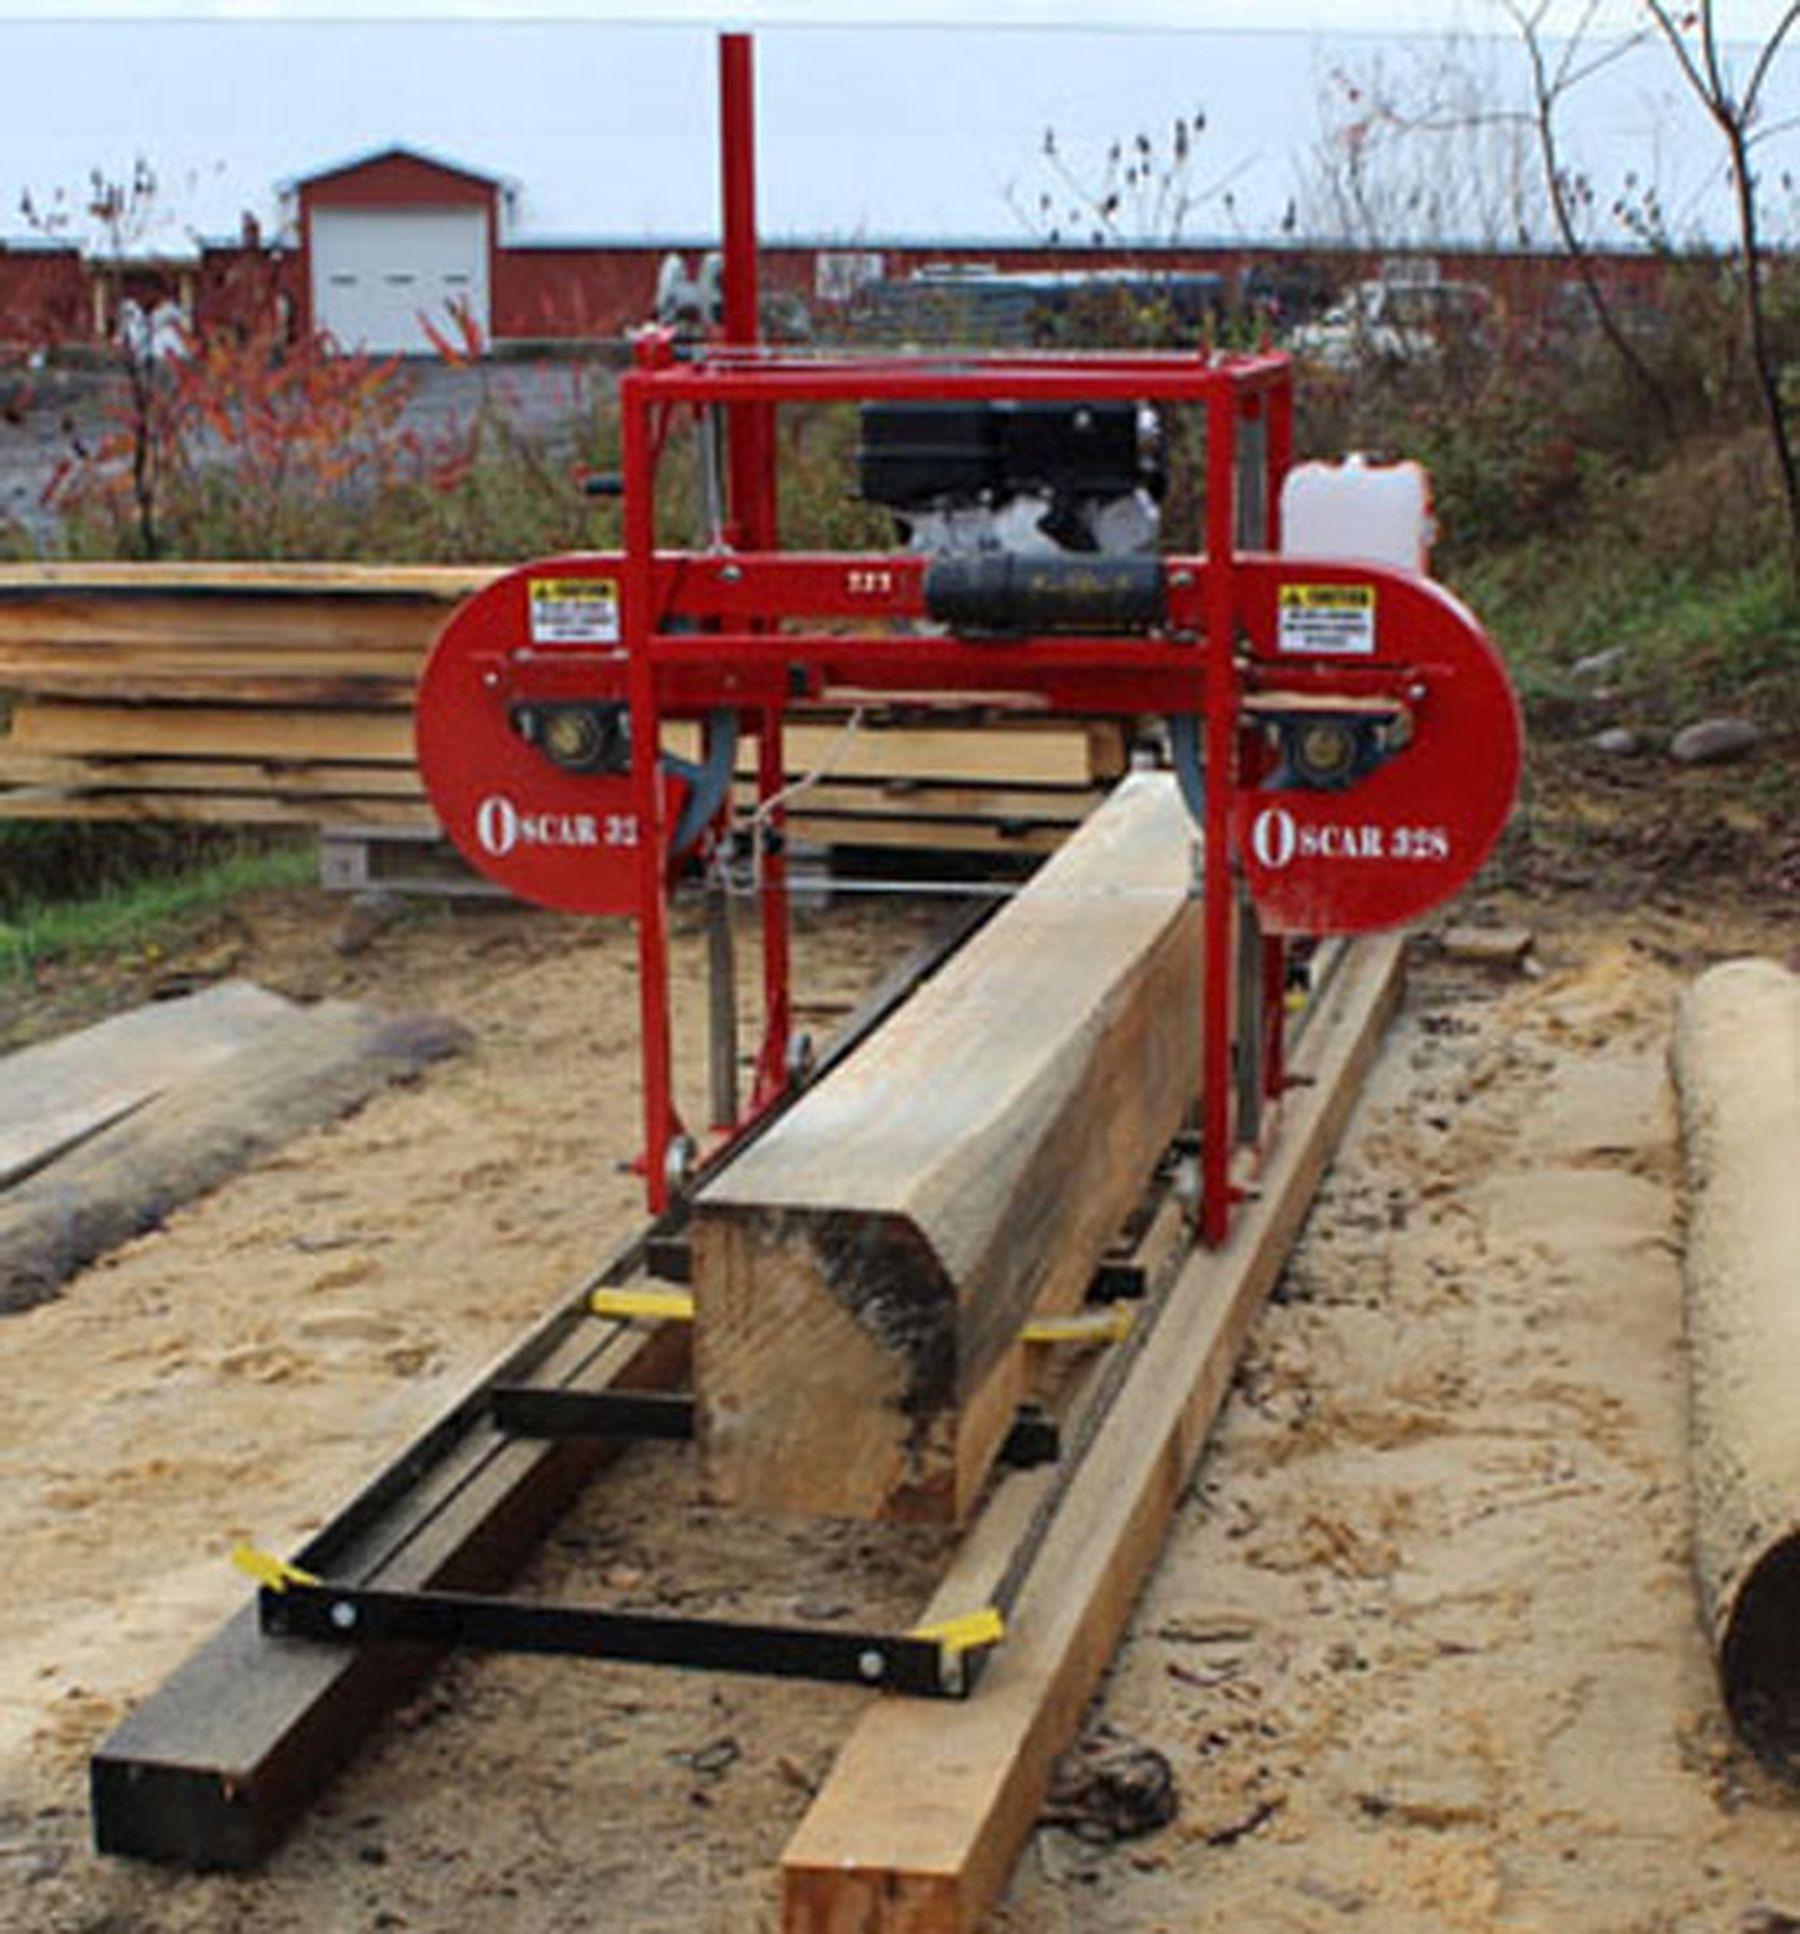 oscar 428 portable sawmill milling